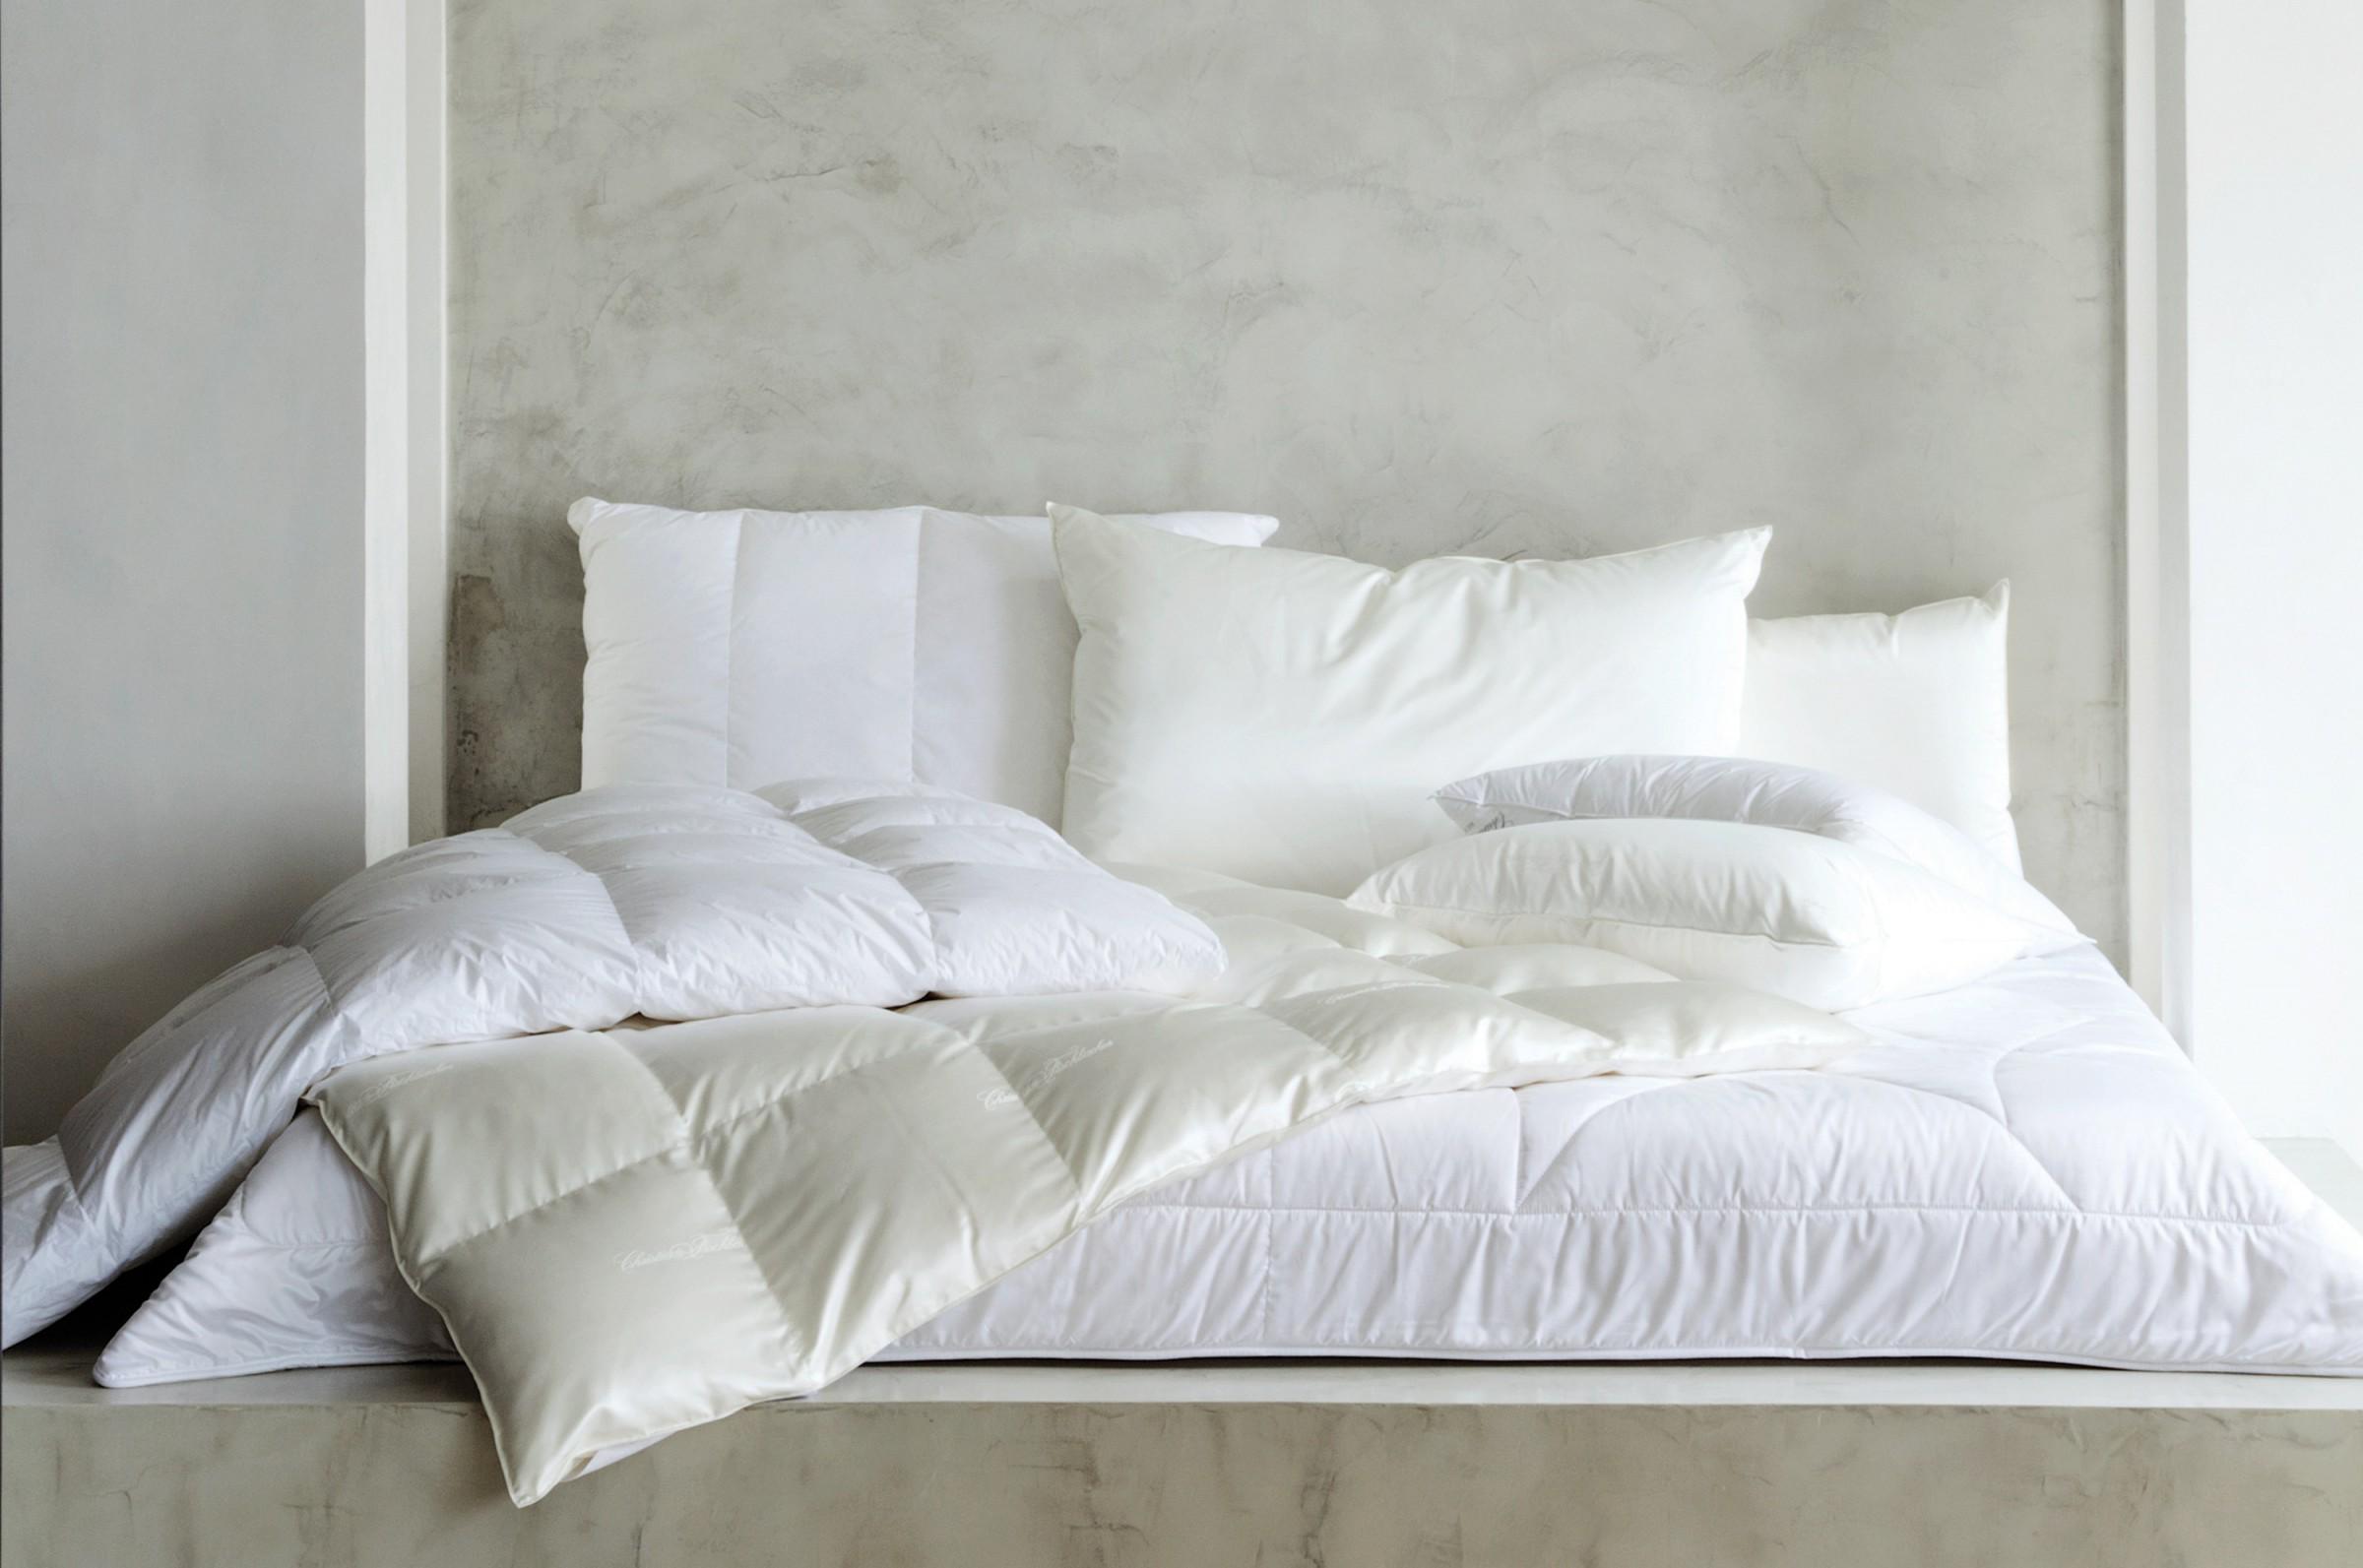 comment choisir la couette id ale conseil le boudoir des etoffes. Black Bedroom Furniture Sets. Home Design Ideas